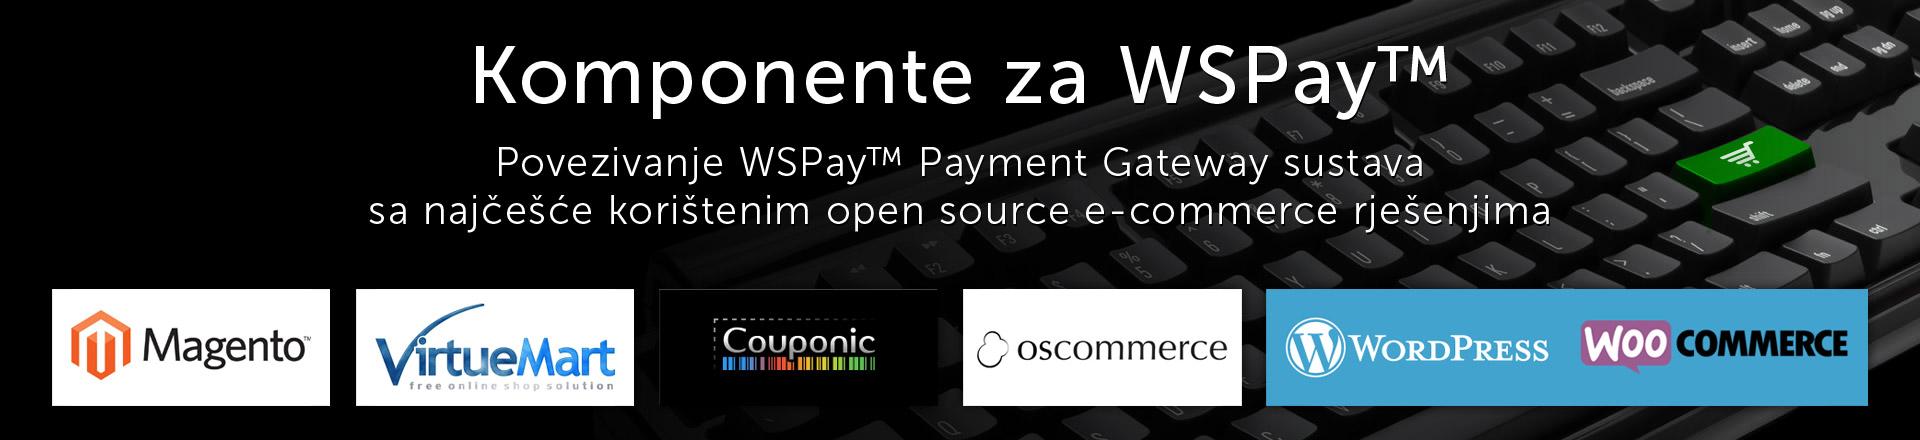 Komponente za WSpay™